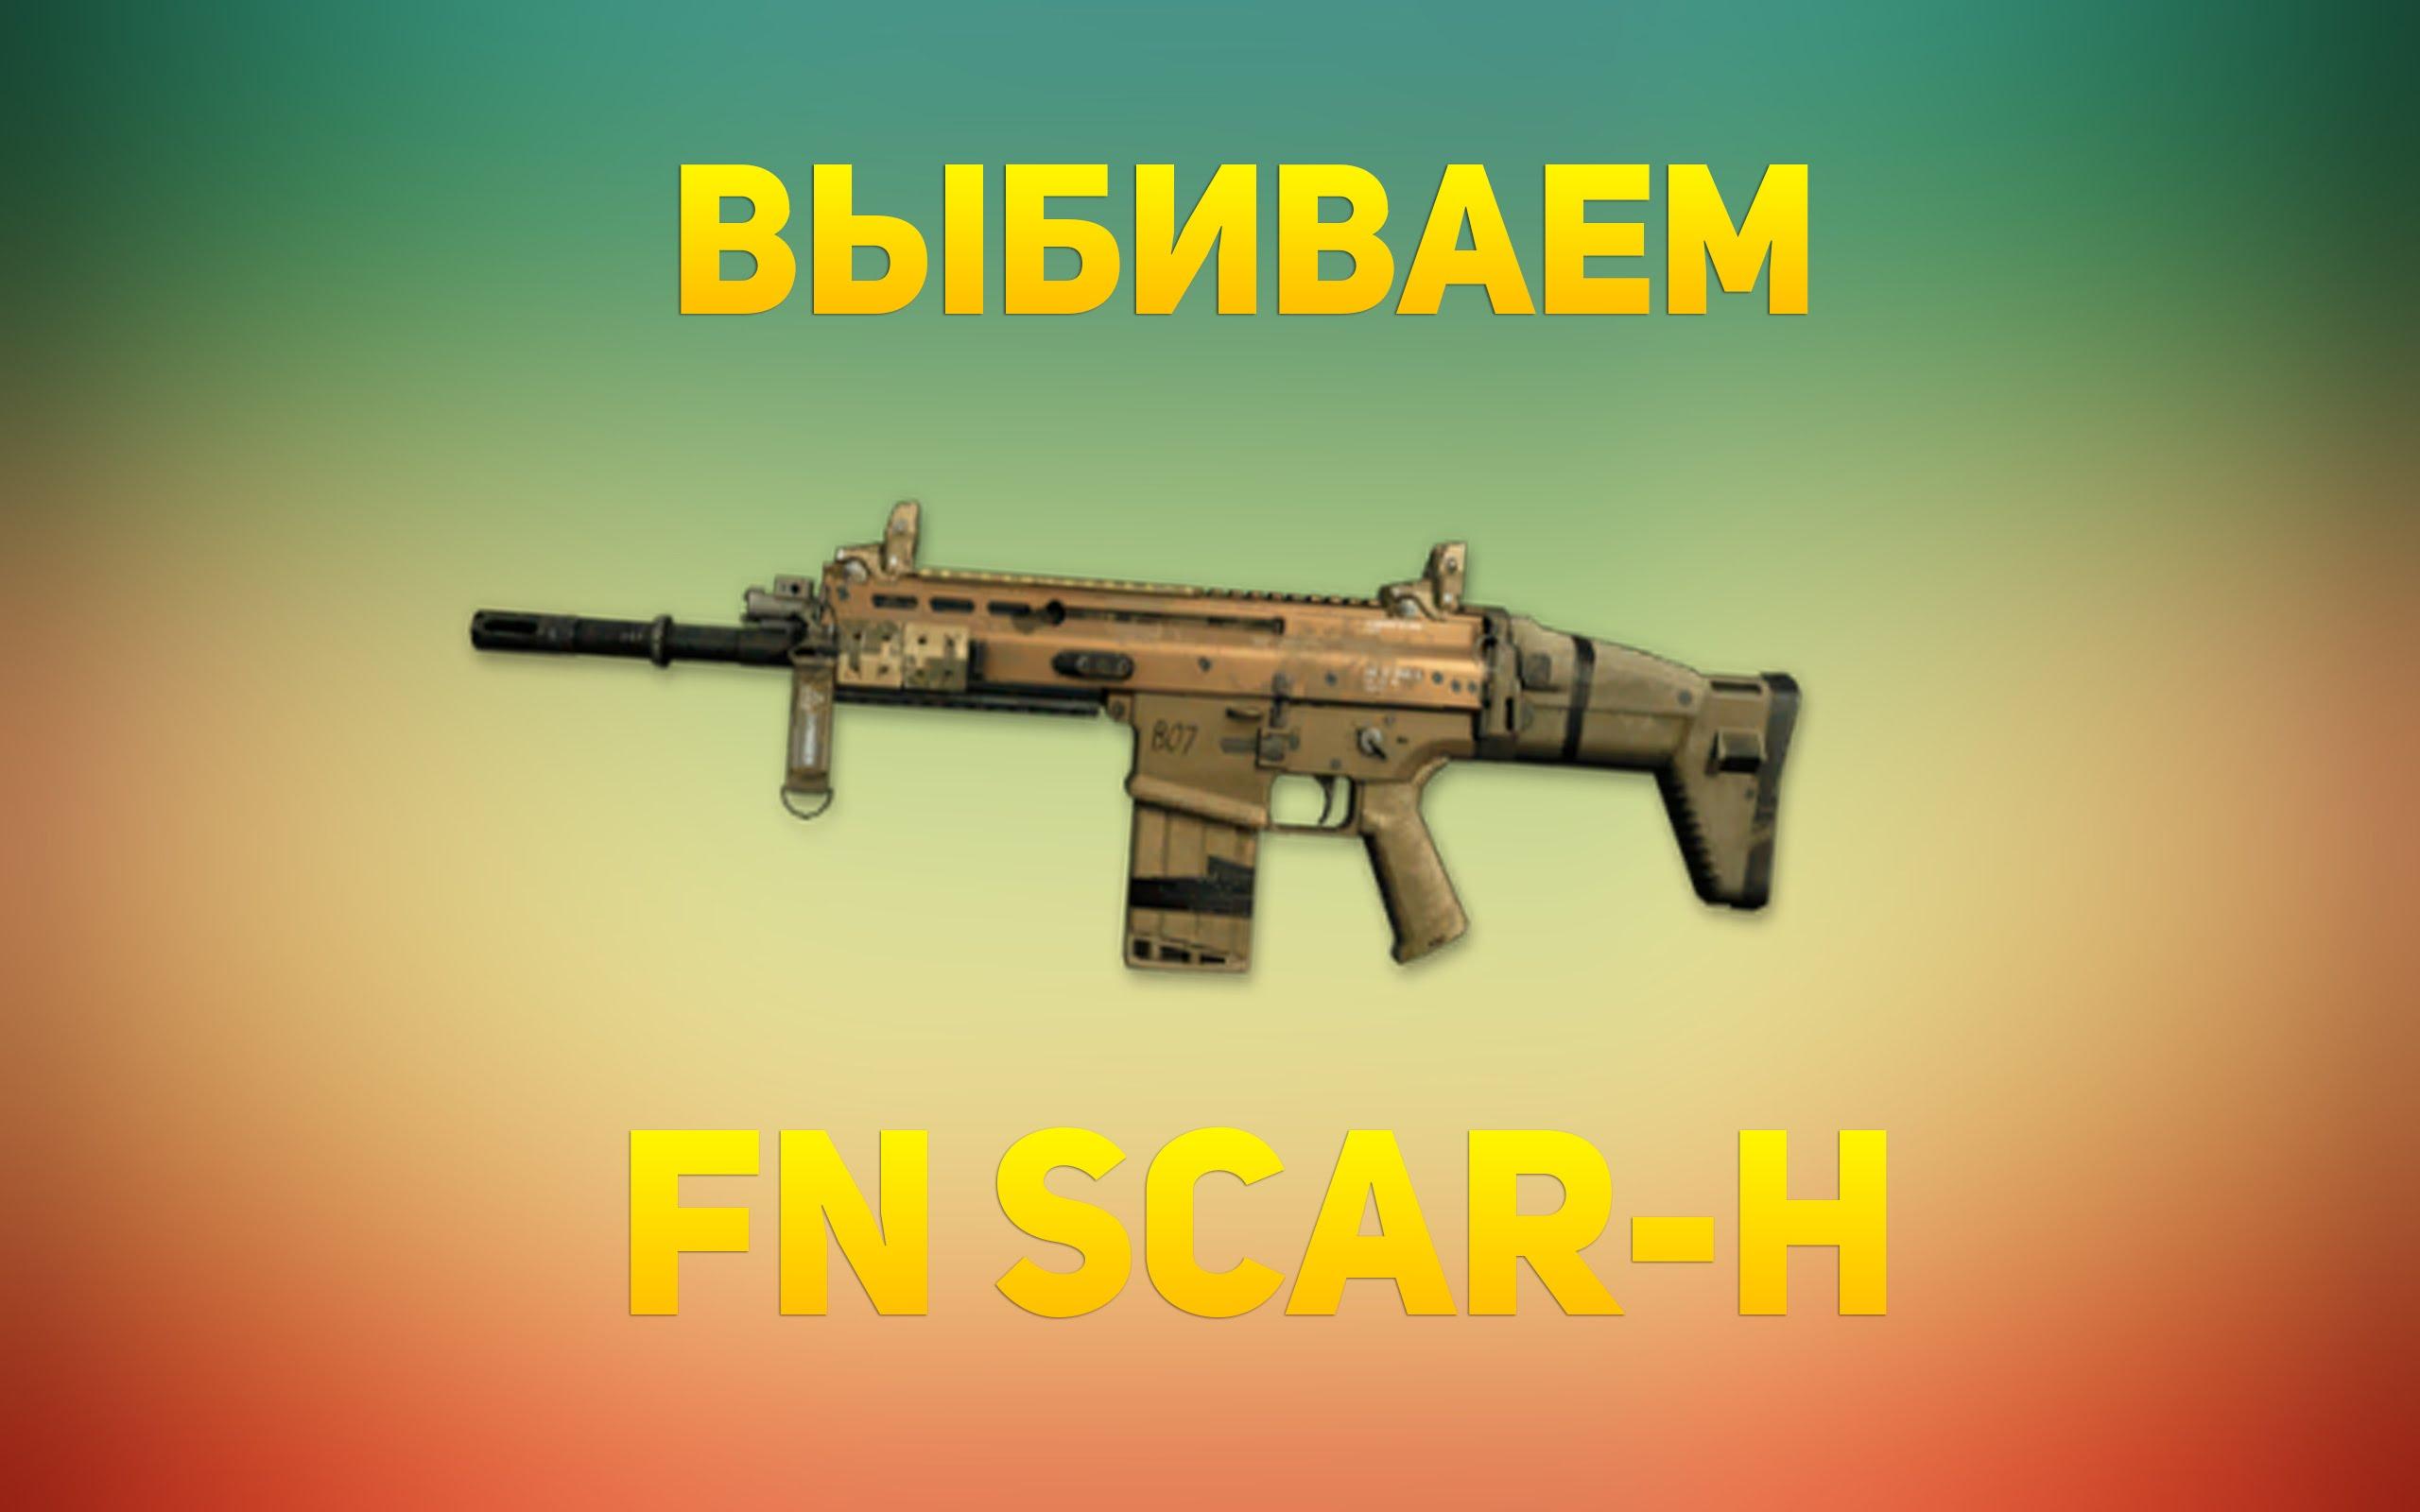 Как выбить FN SCAR-H